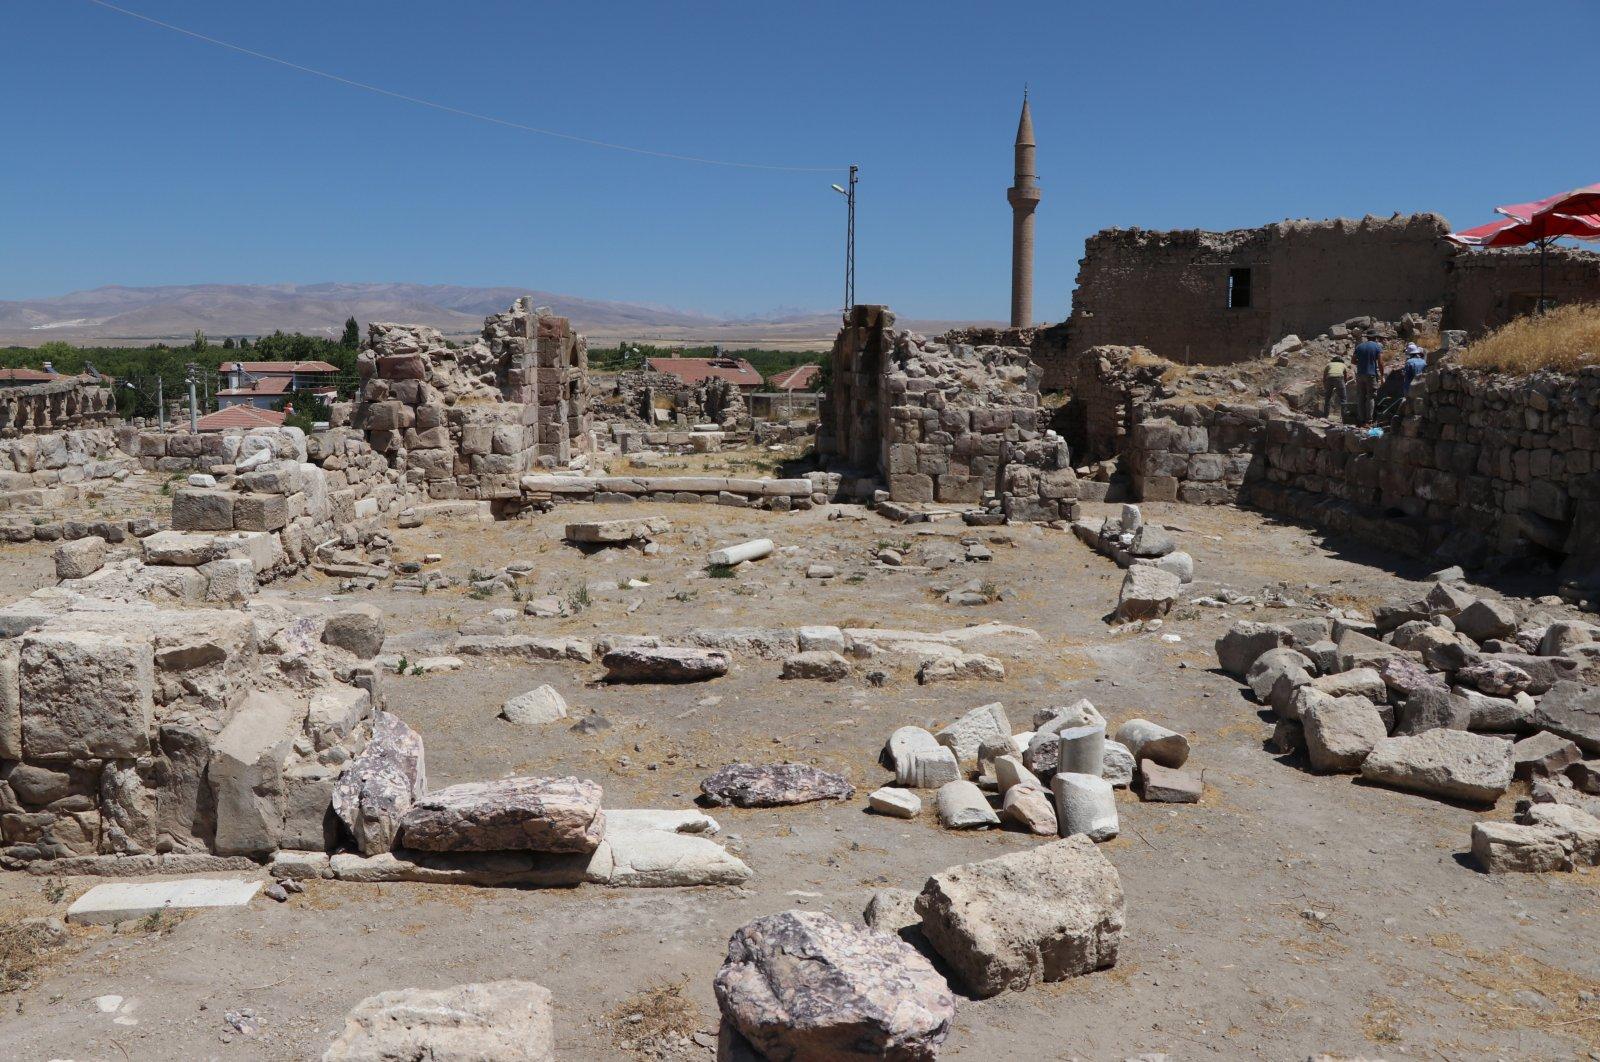 Descubierta una iglesia del siglo IV en la antigua ciudad turca de Tyana 1